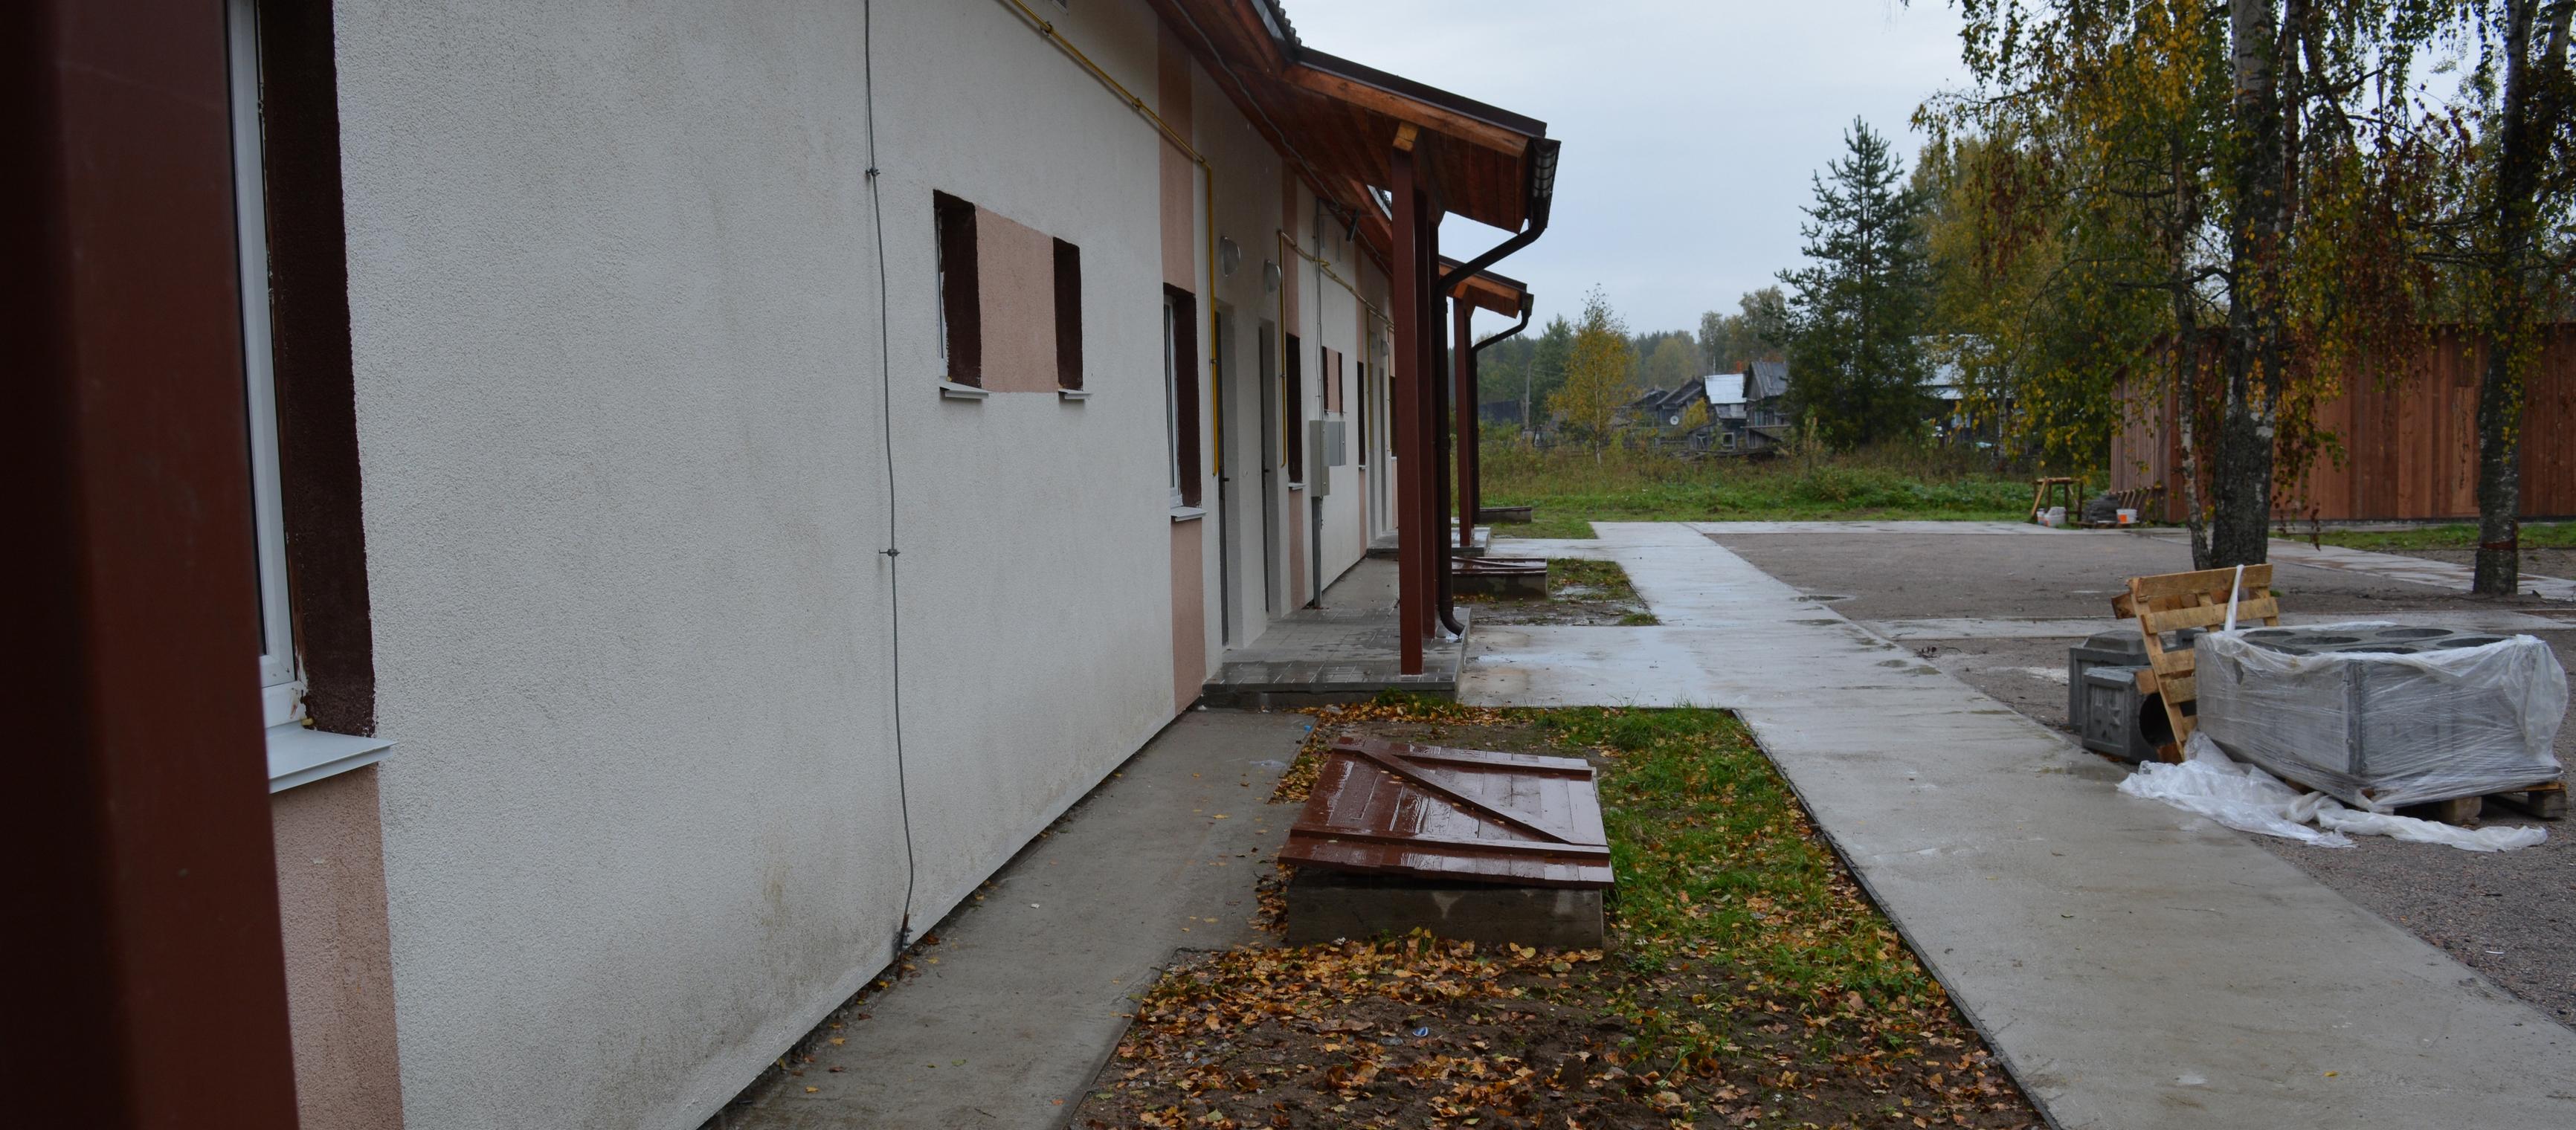 Дом для переселенцев в Верхних Важинах. Фото: Алексей Владимиров